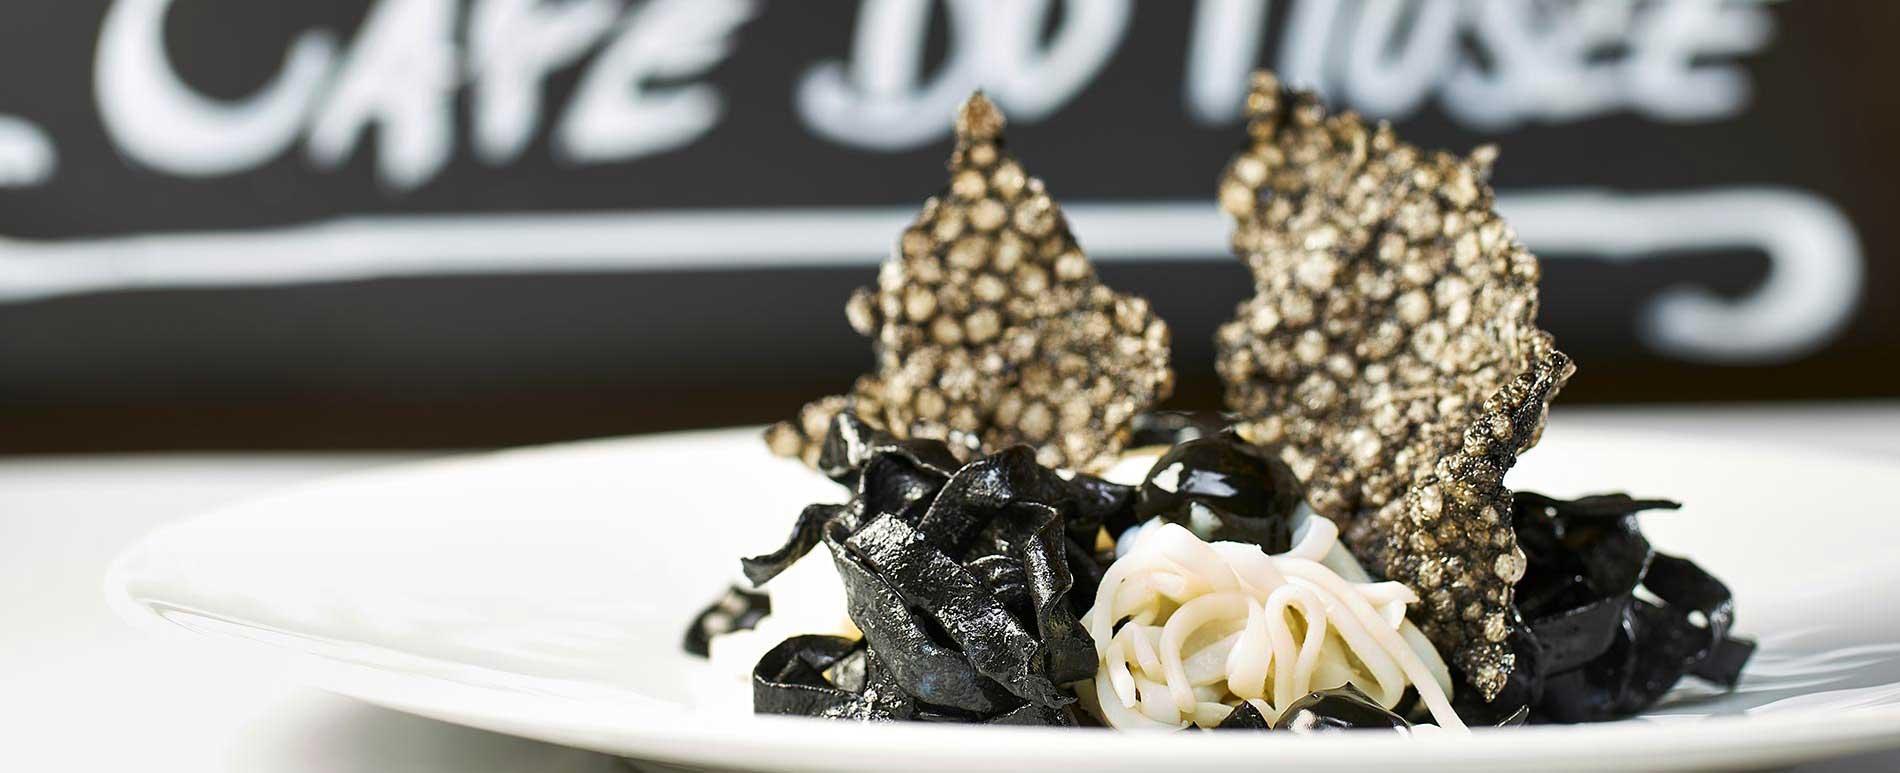 hommage a pierre soulages brou de noix encornet tagliatelle a l'encre seiche, mayonnaise a l'ail noir